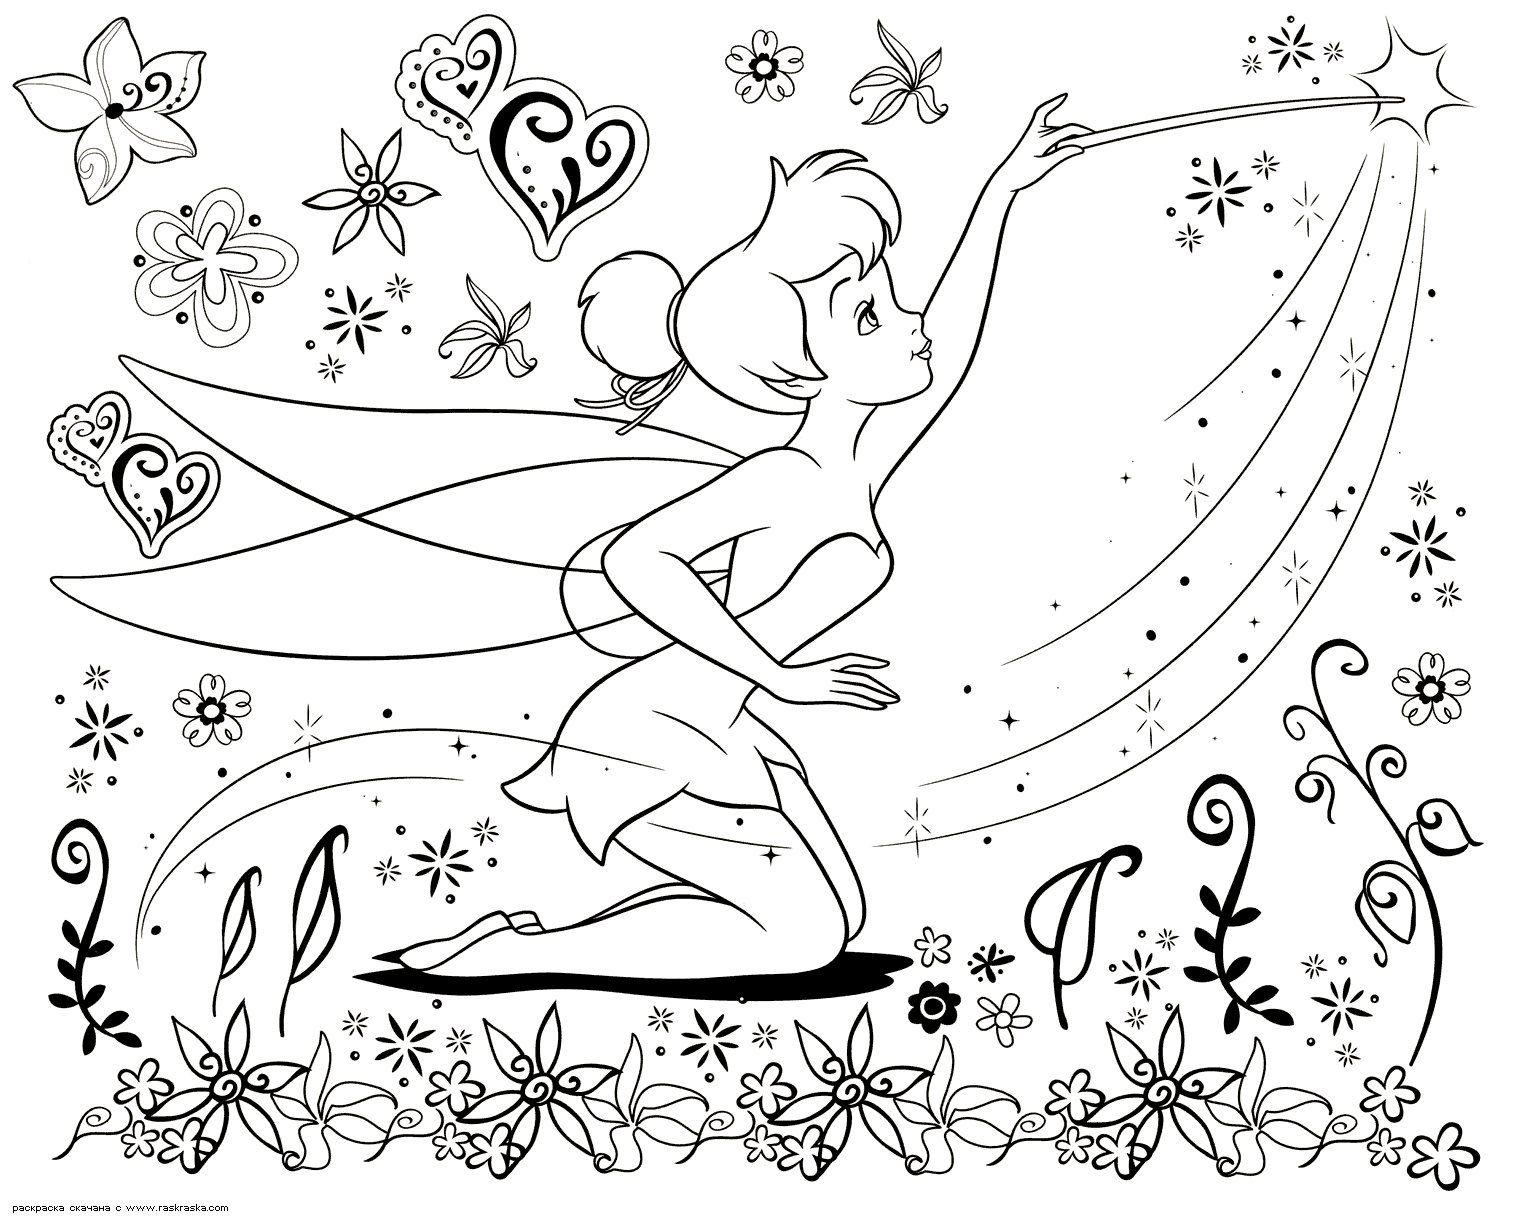 Kleurplaat Tinkerbell Google Zoeken Fairy Coloring Pages Tinkerbell Coloring Pages Christmas Coloring Pages